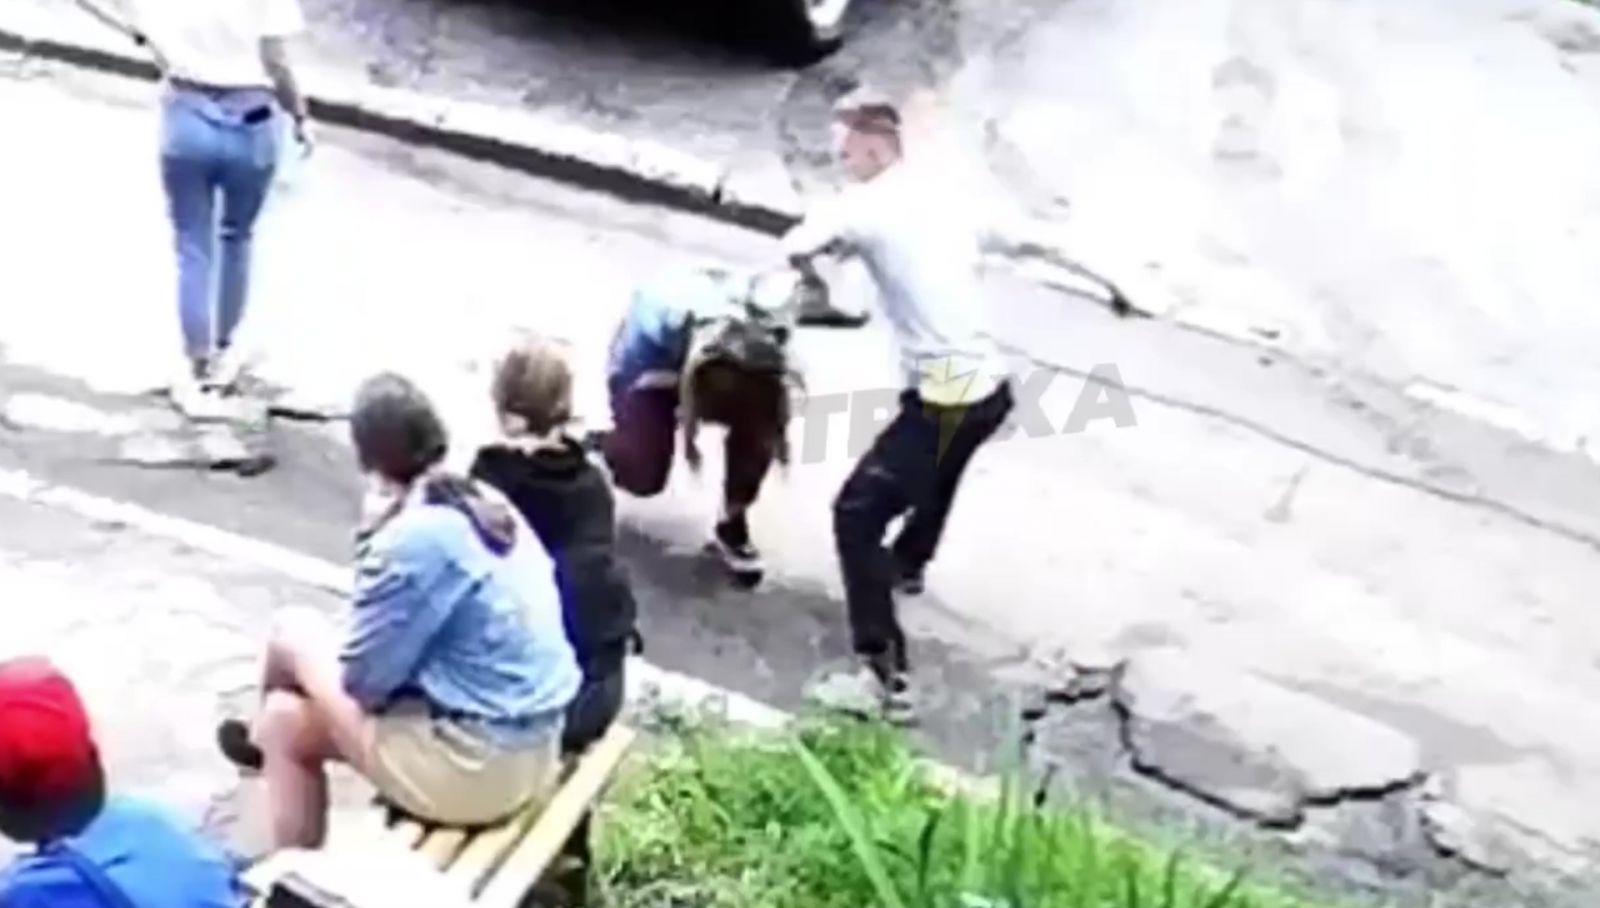 В Харькове подросток избил свою сверстницу и сломал ей нос (ВИДЕО)